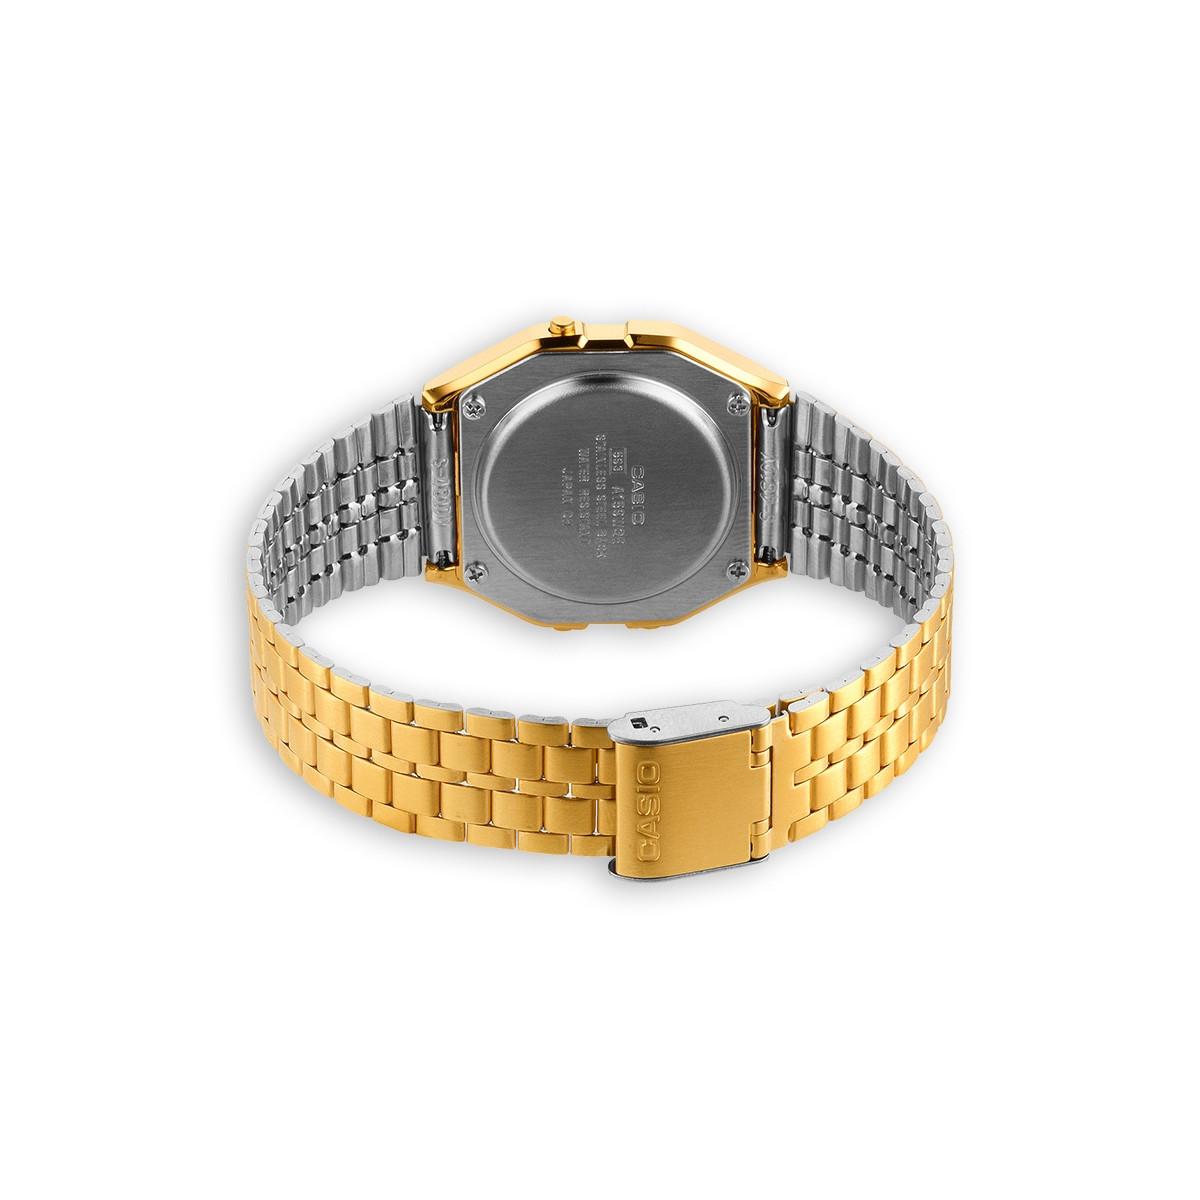 Montre Unisexe Casio Vintage Bracelet Acier inoxydable Doré - A159WGEA-1EF